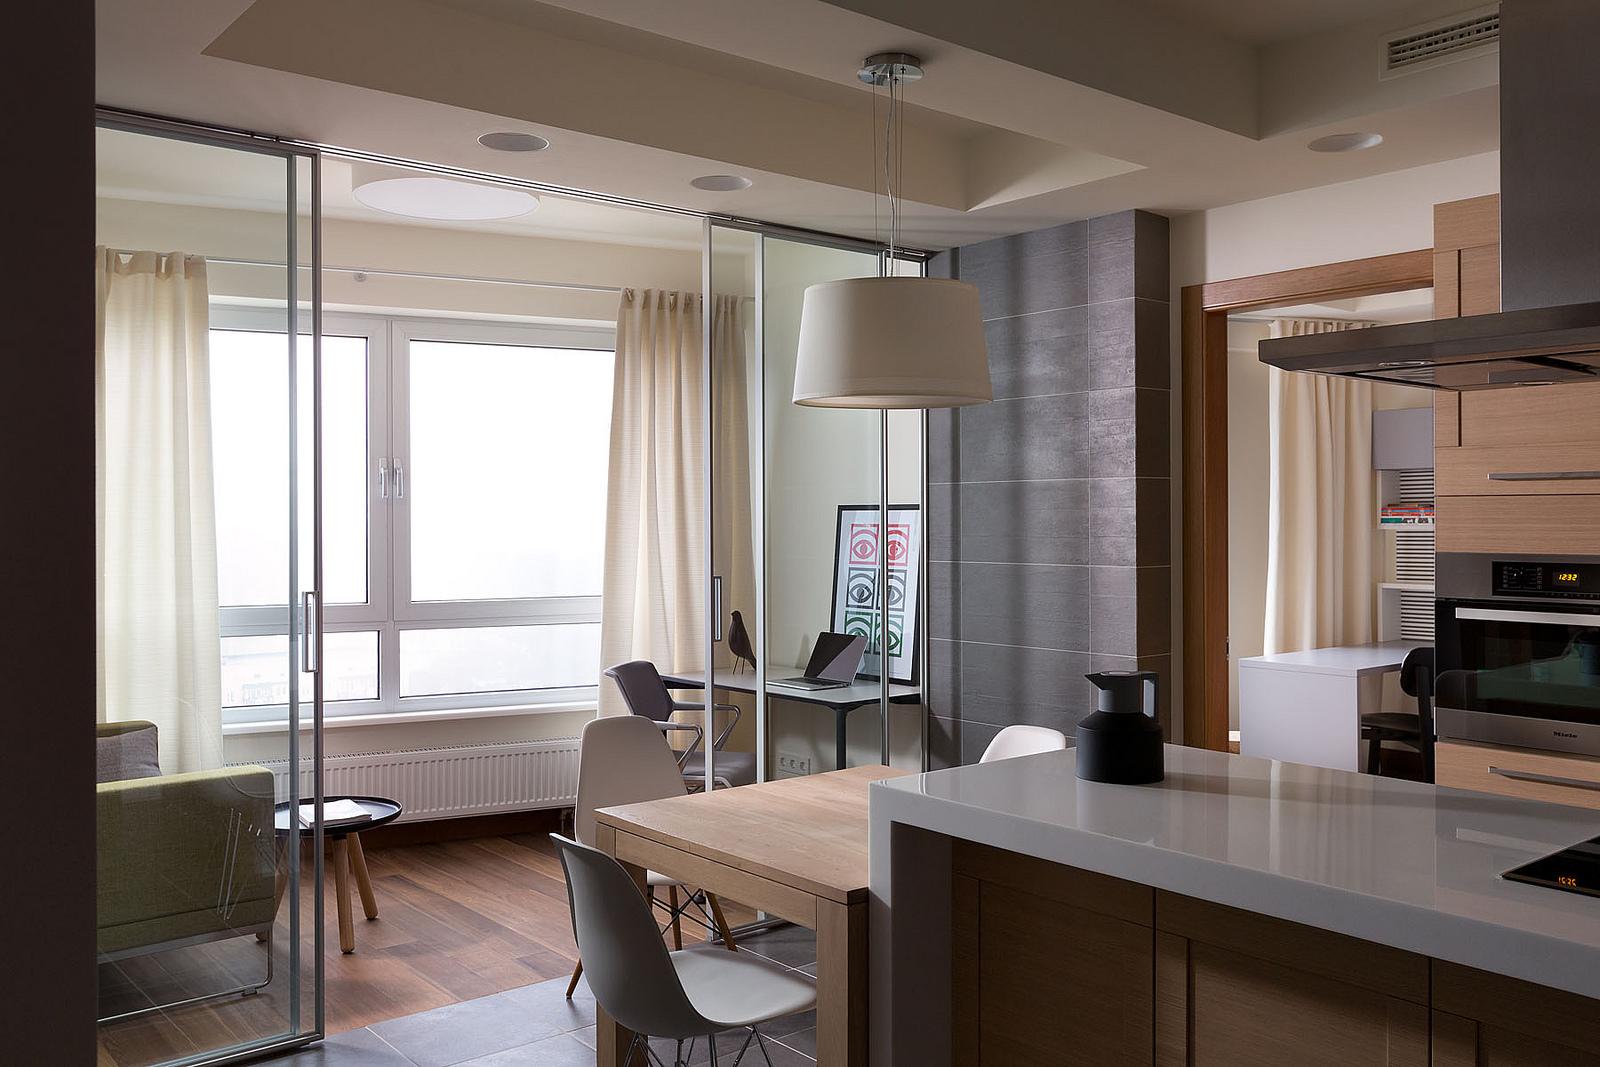 Ремонт квартир фото, дизайн квартир фото, интерьеры ...